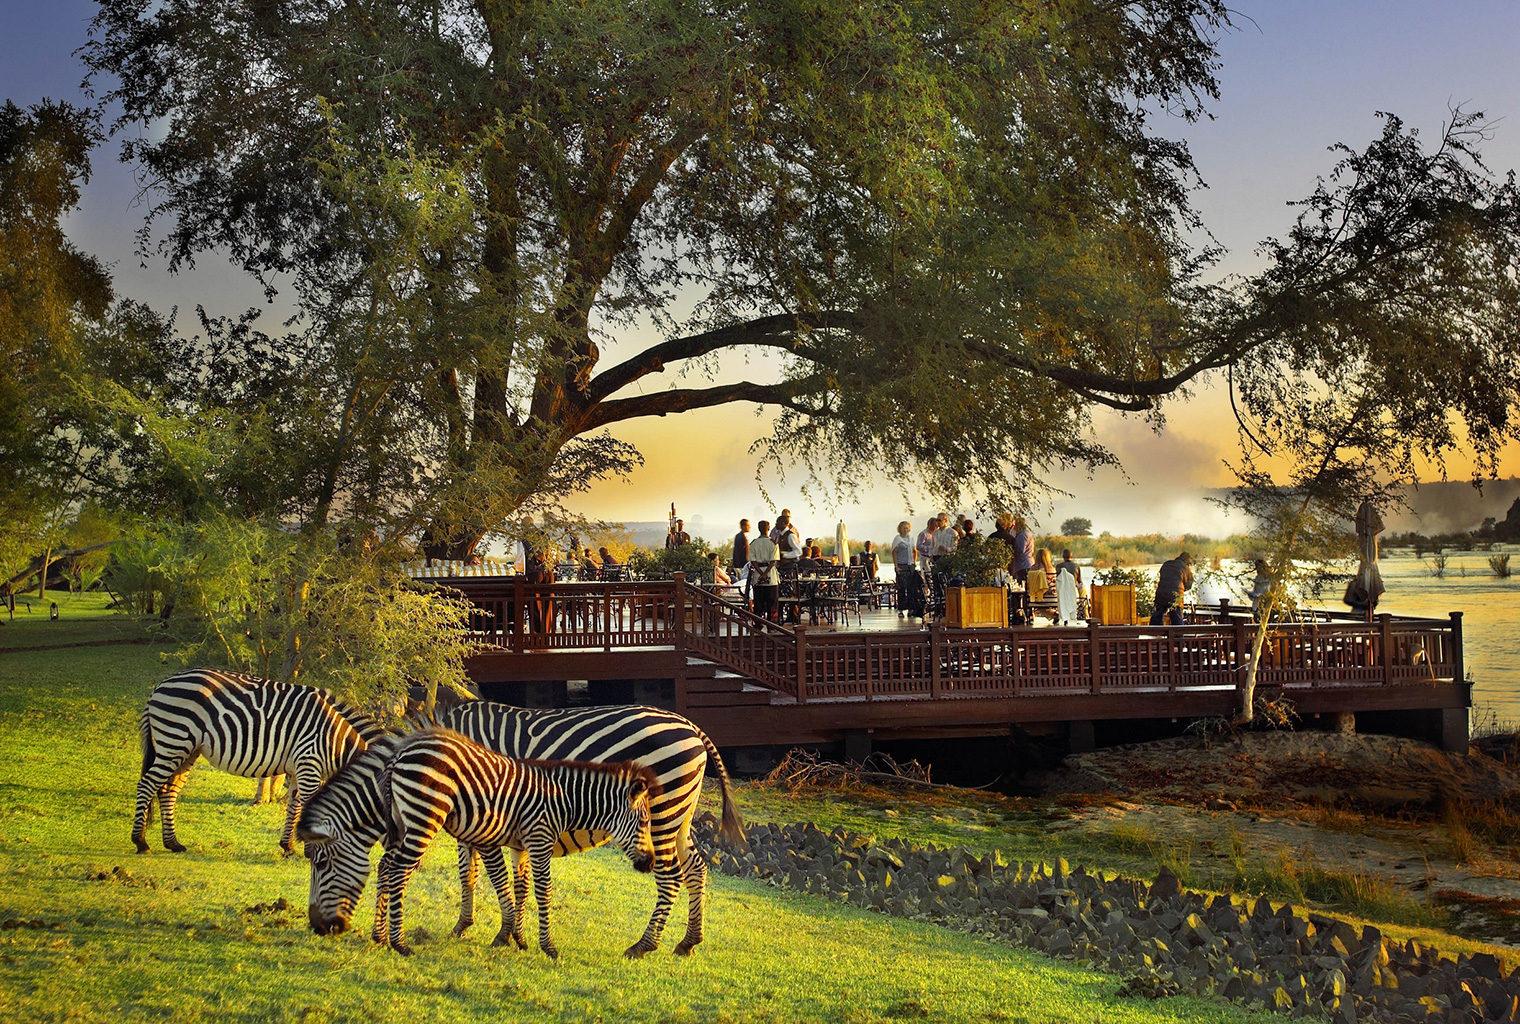 Royal Livingstone, Zambia, Deck, Zebras